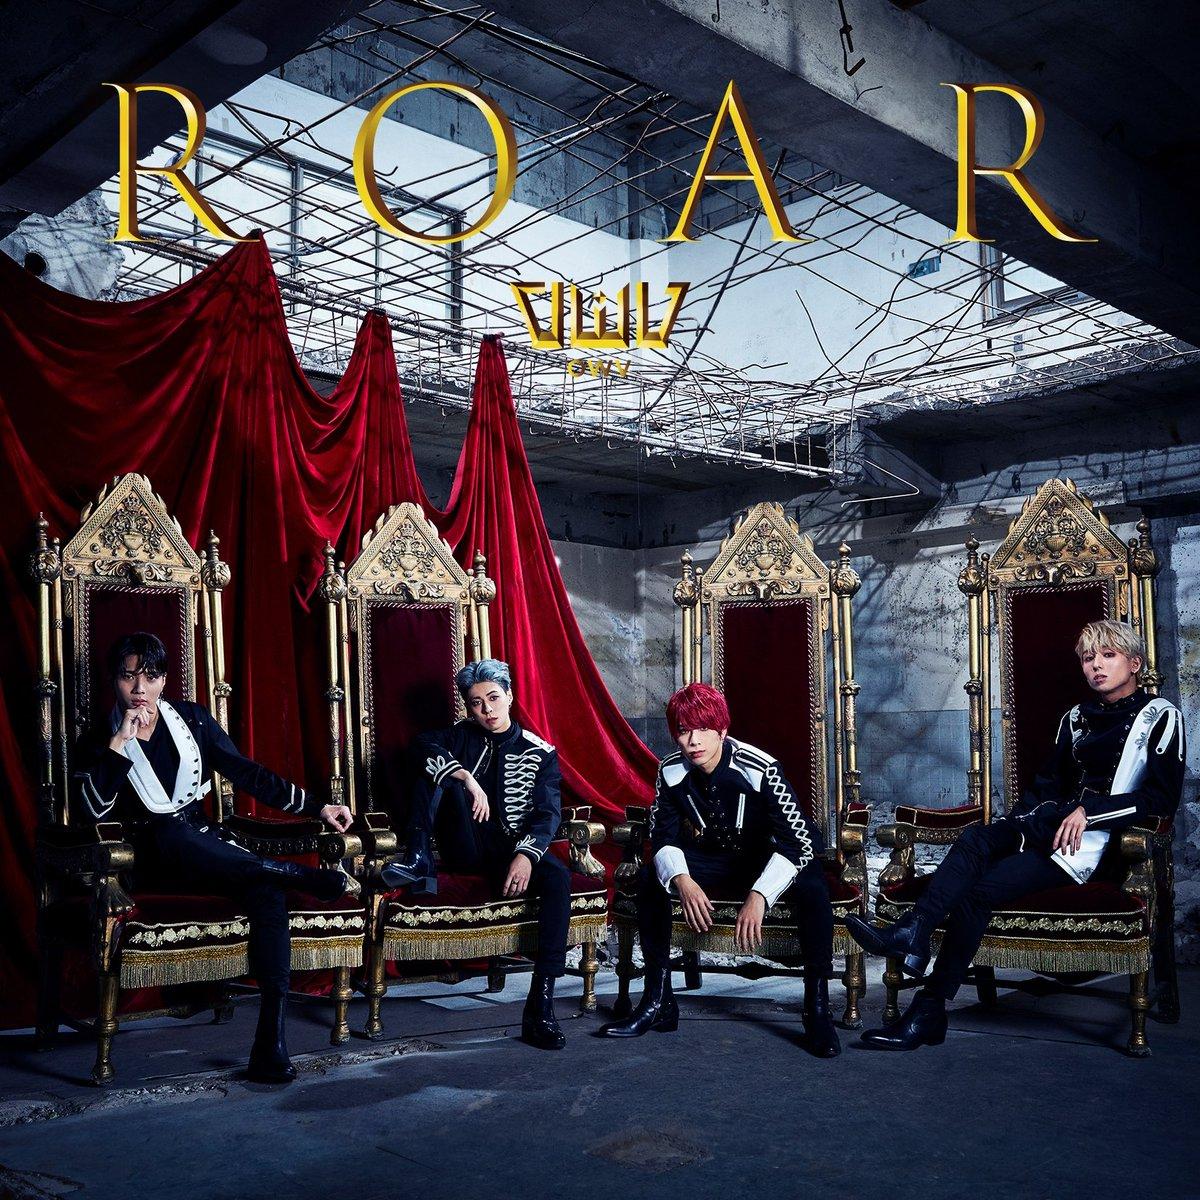 『OWV - Roar 歌詞』収録の『Roar』ジャケット